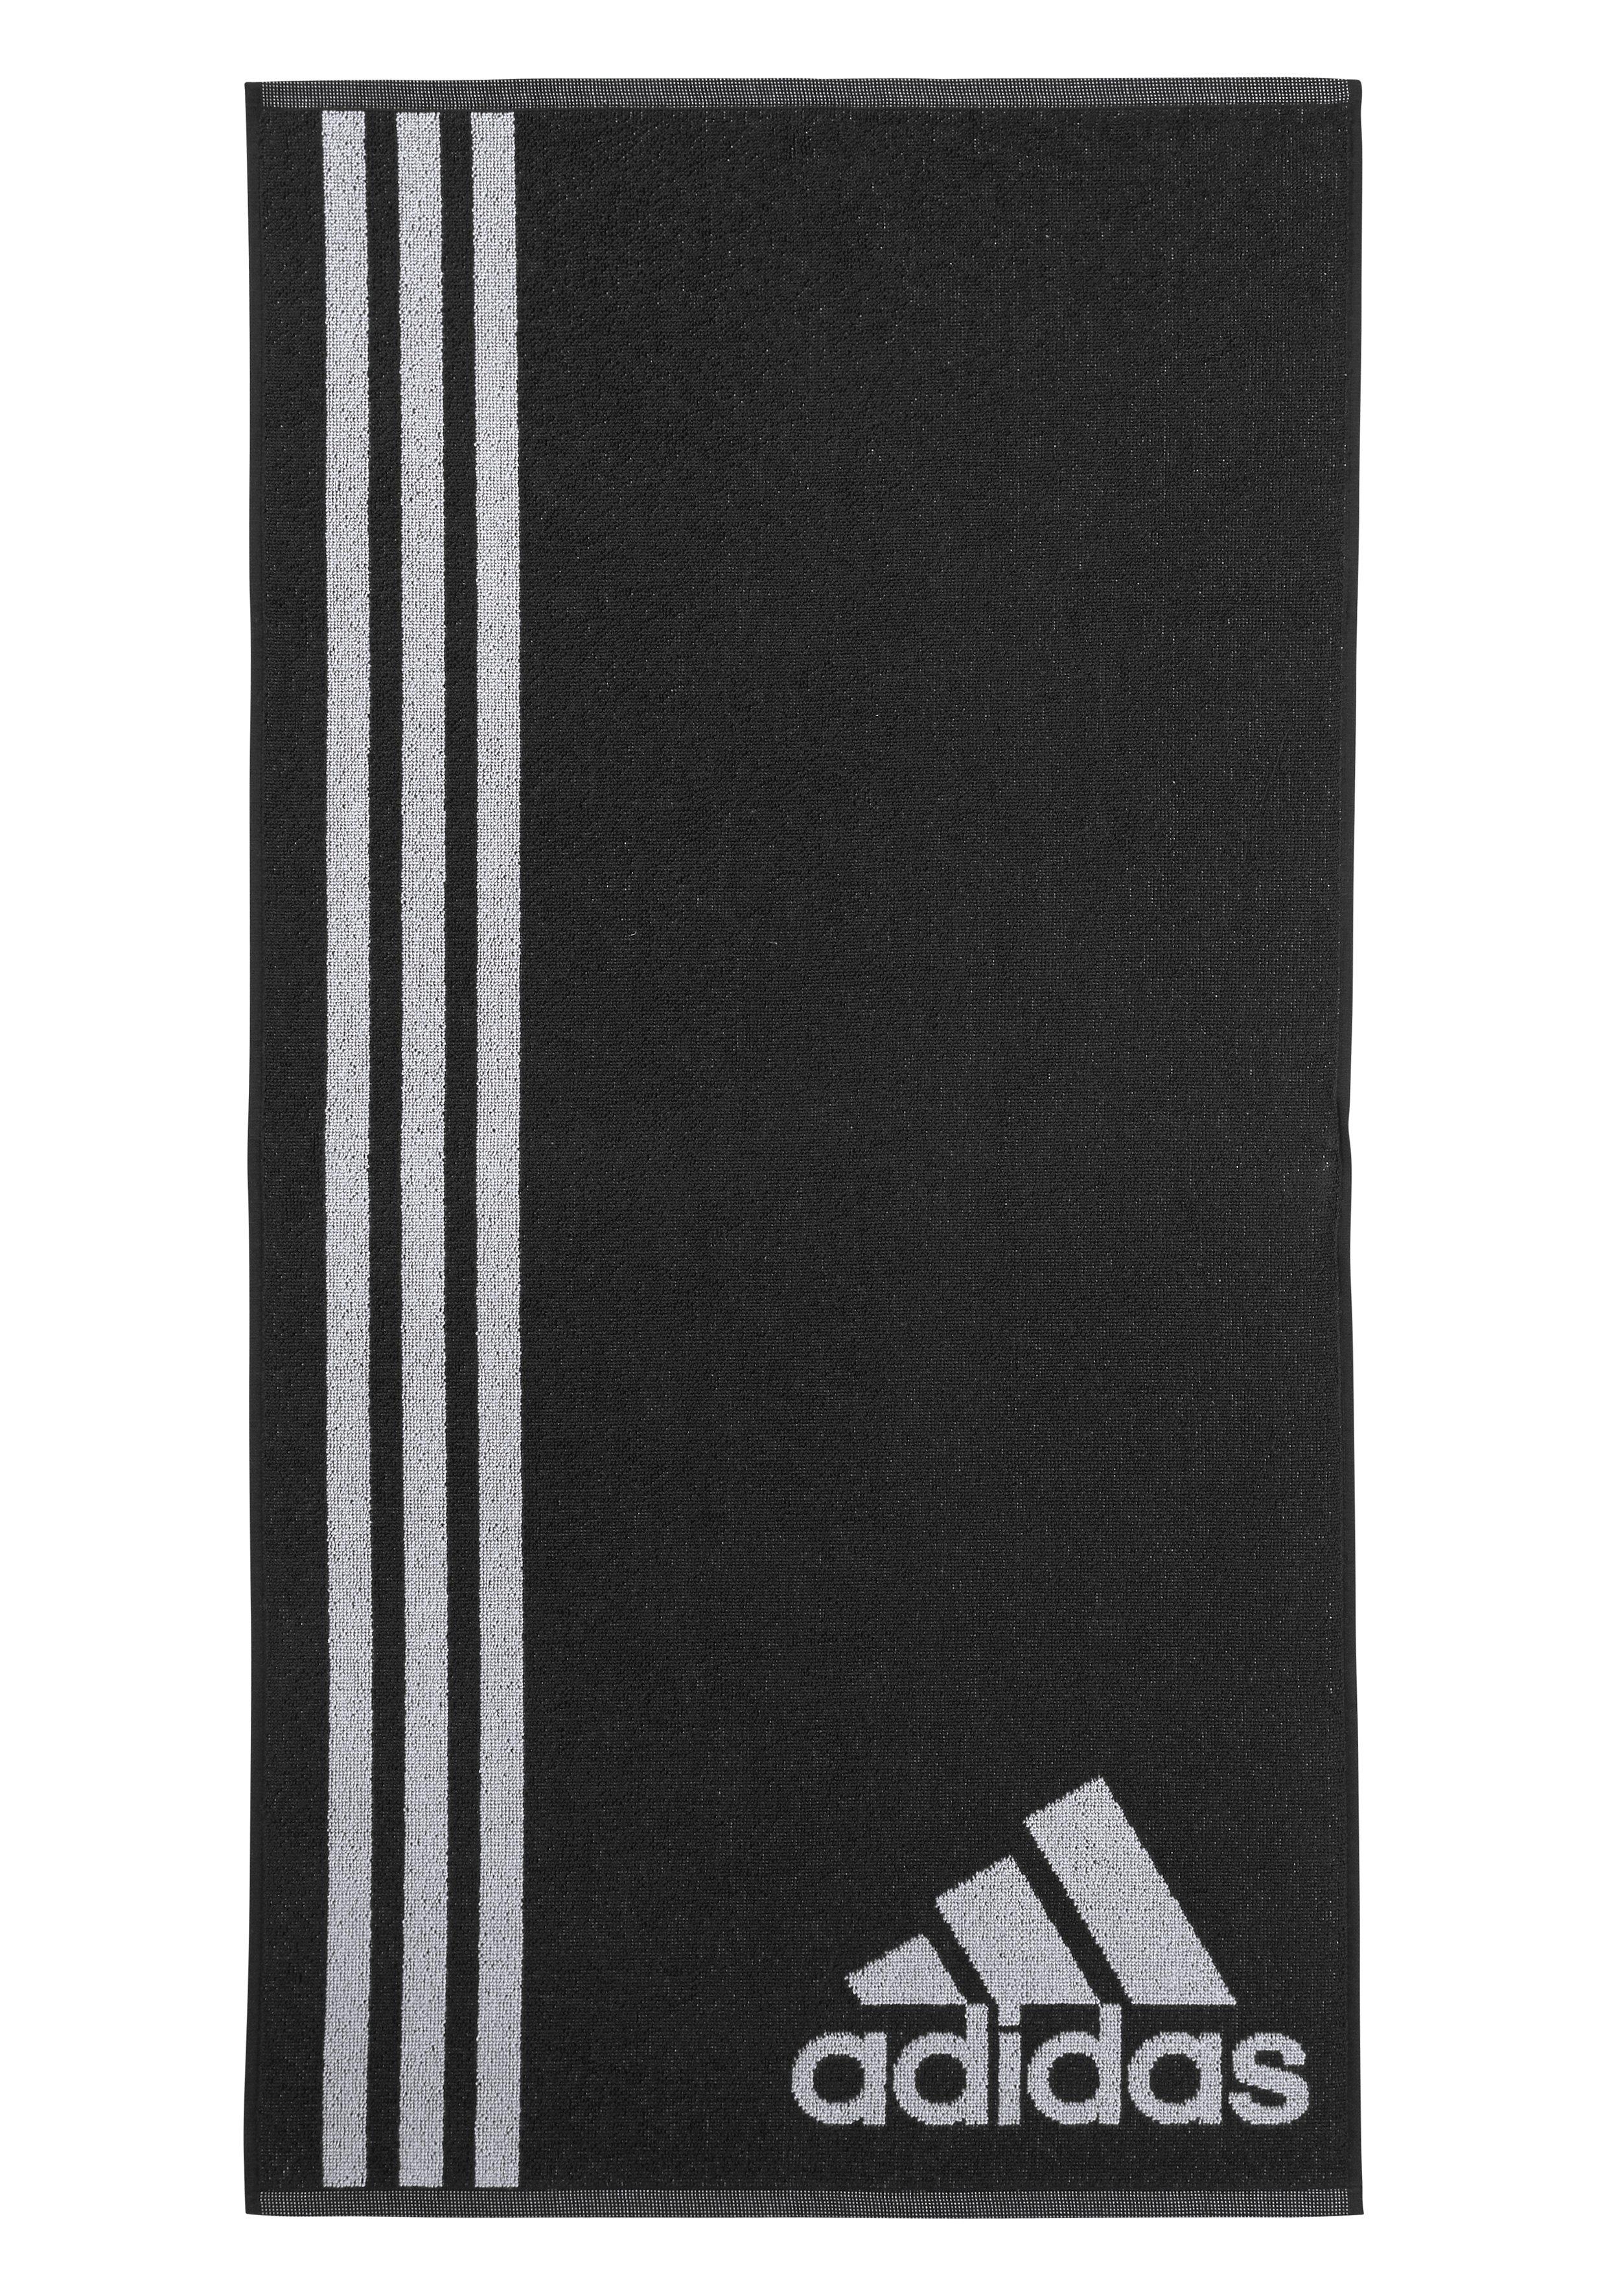 Badetuch, adidas Performance, mit drei großen Streifen | Bad > Handtücher > Badetücher | adidas Performance